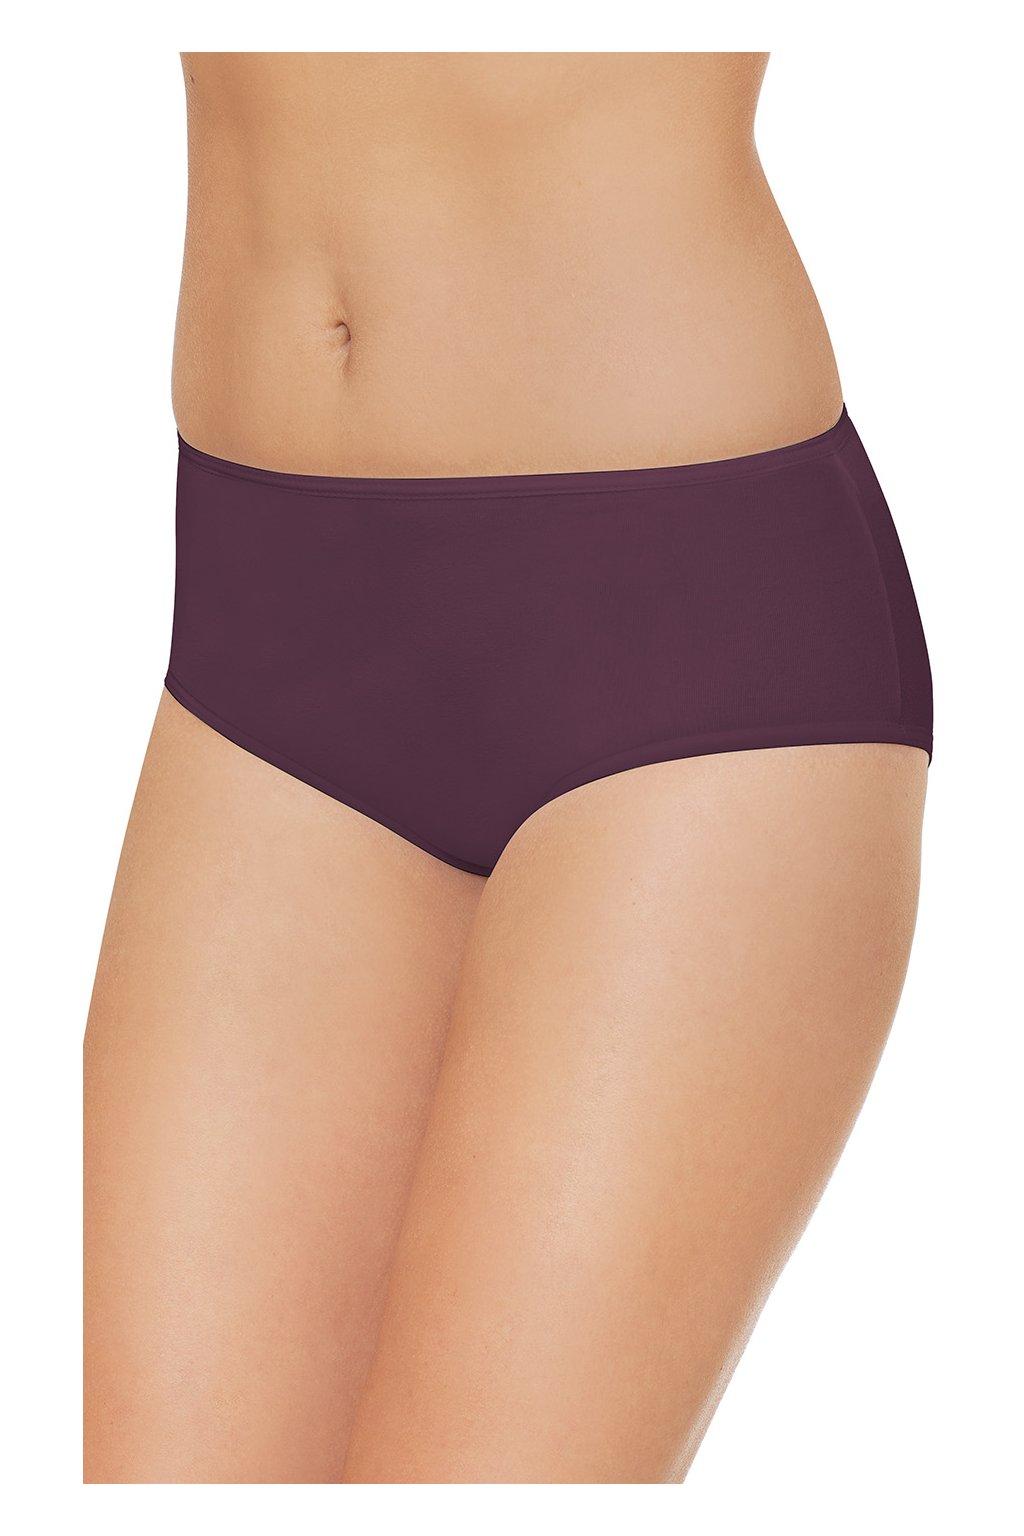 Dámské kalhotky, 100185 451, fialová